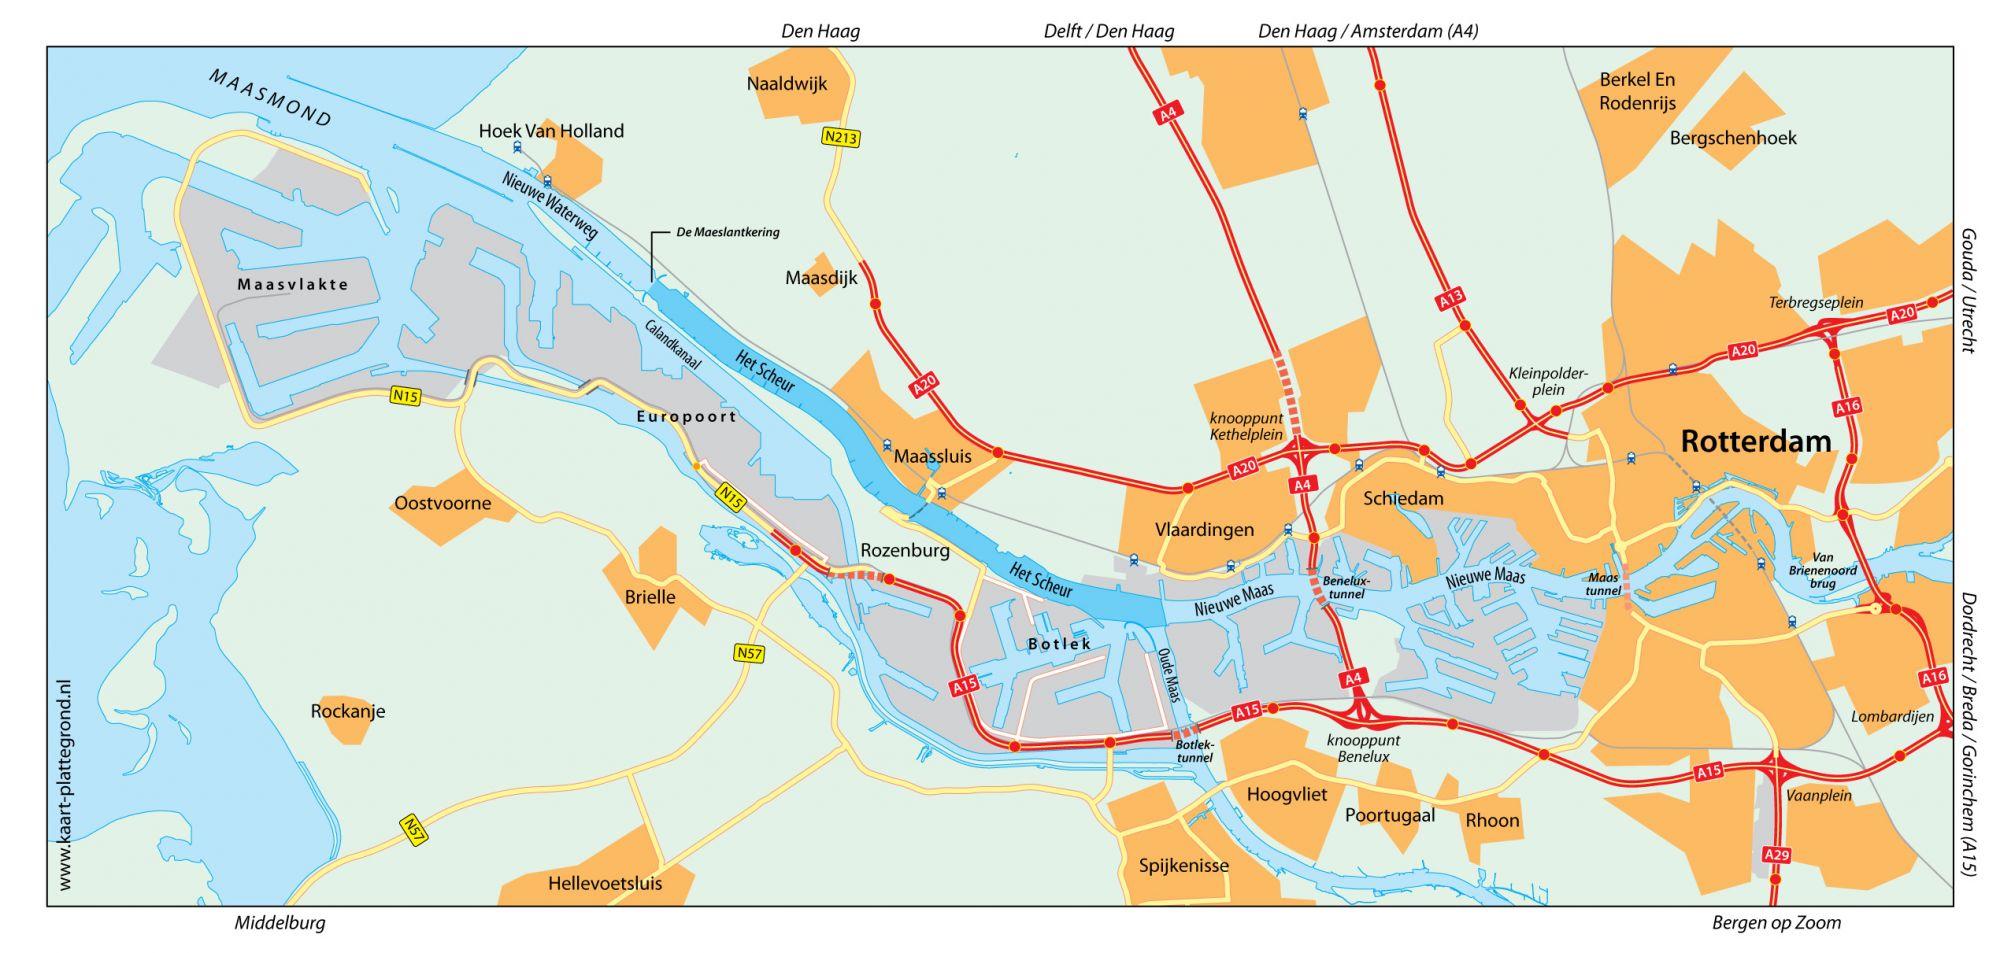 Vlaardingen ligt NIET aan de Nieuwe Waterweg